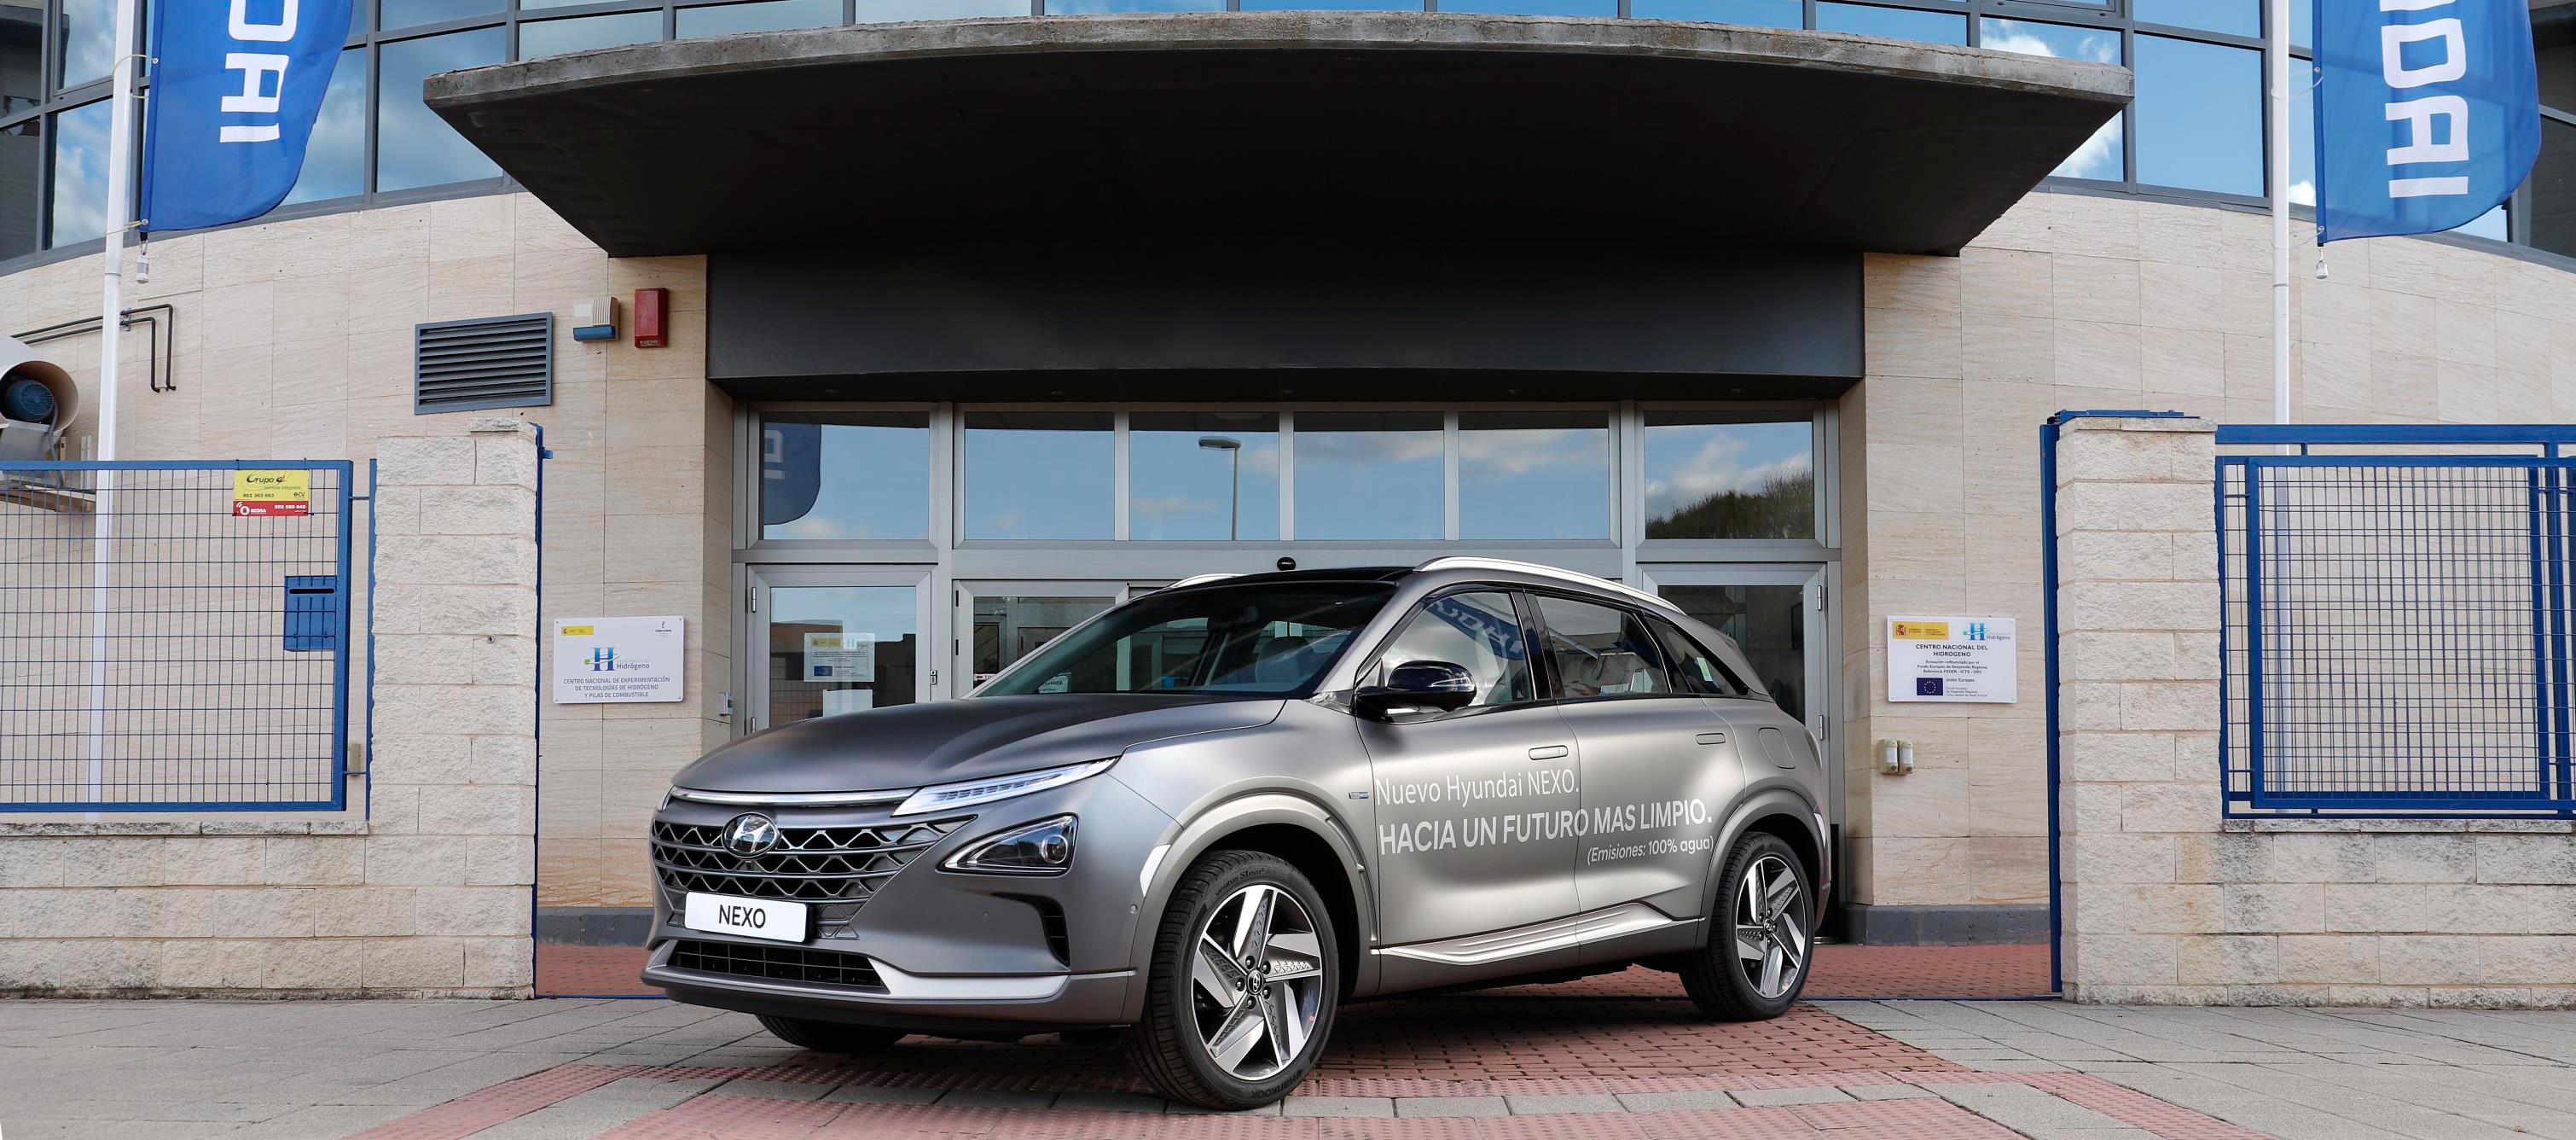 Hyundai Nexo primer vehículo eléctrico de pila de combustible de hidrógeno matriculado en España